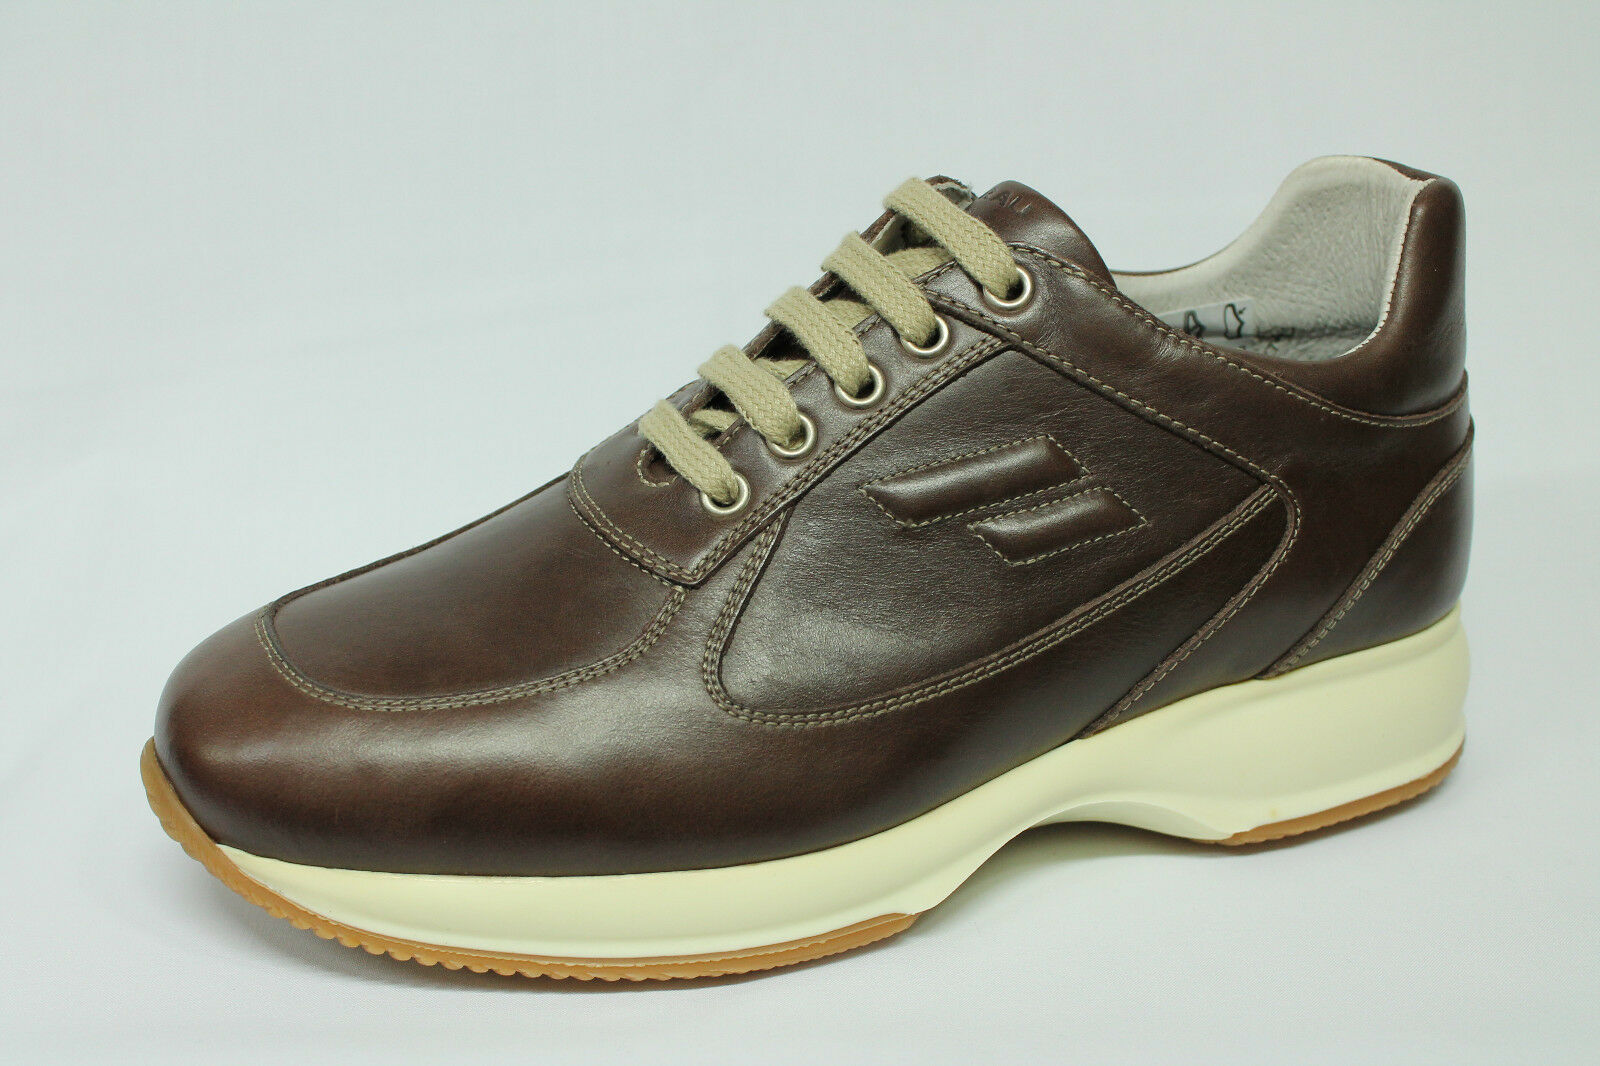 Sneakers Frau 24L3 24N3 brown tipo Hogan Interactive